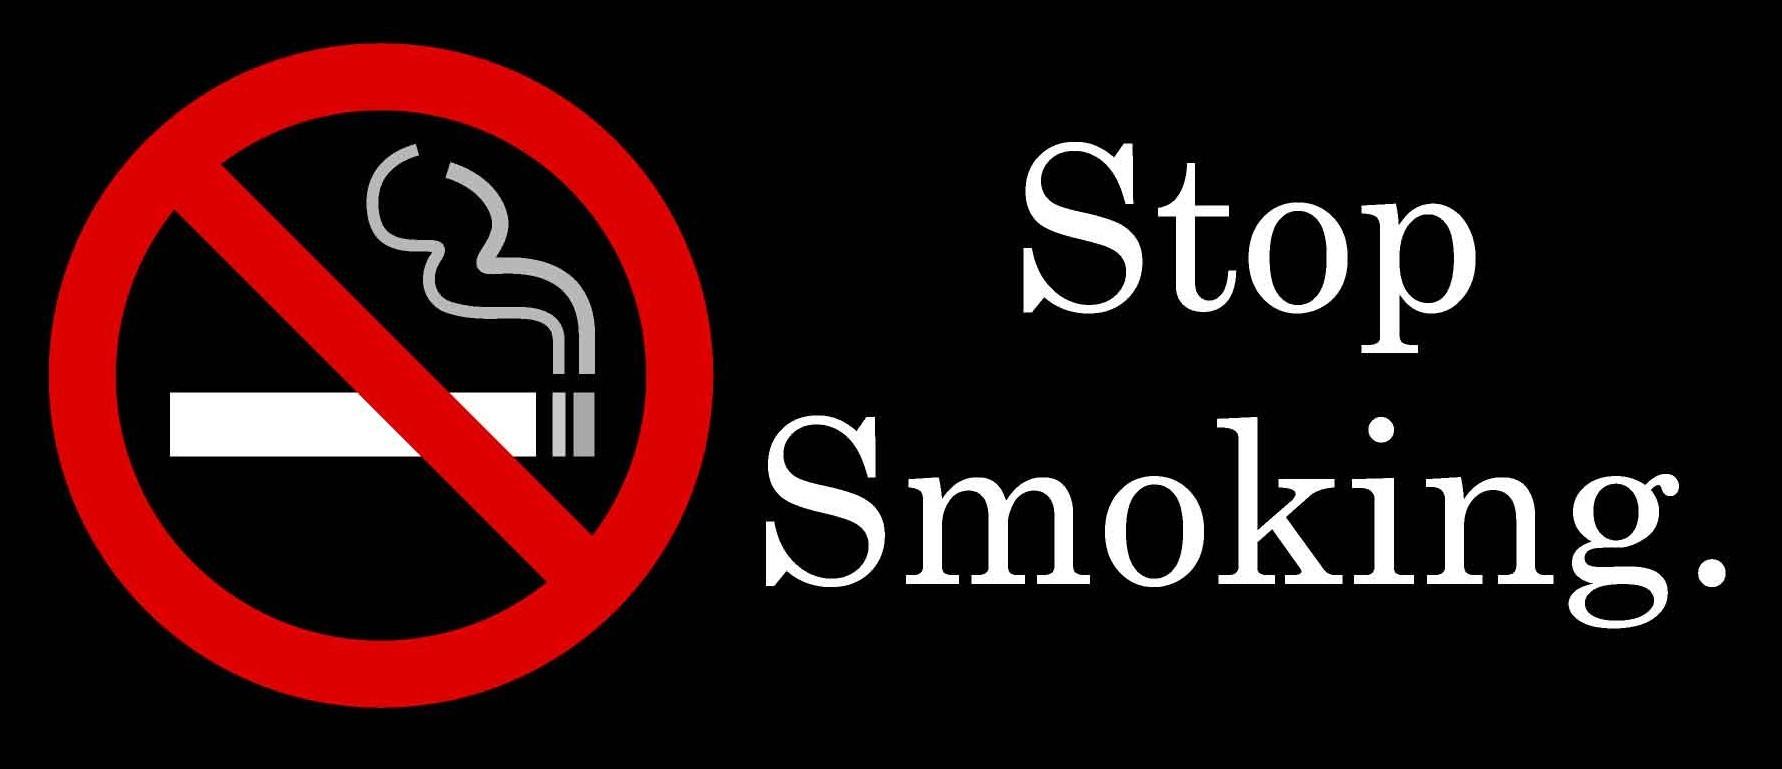 stop-smoking1